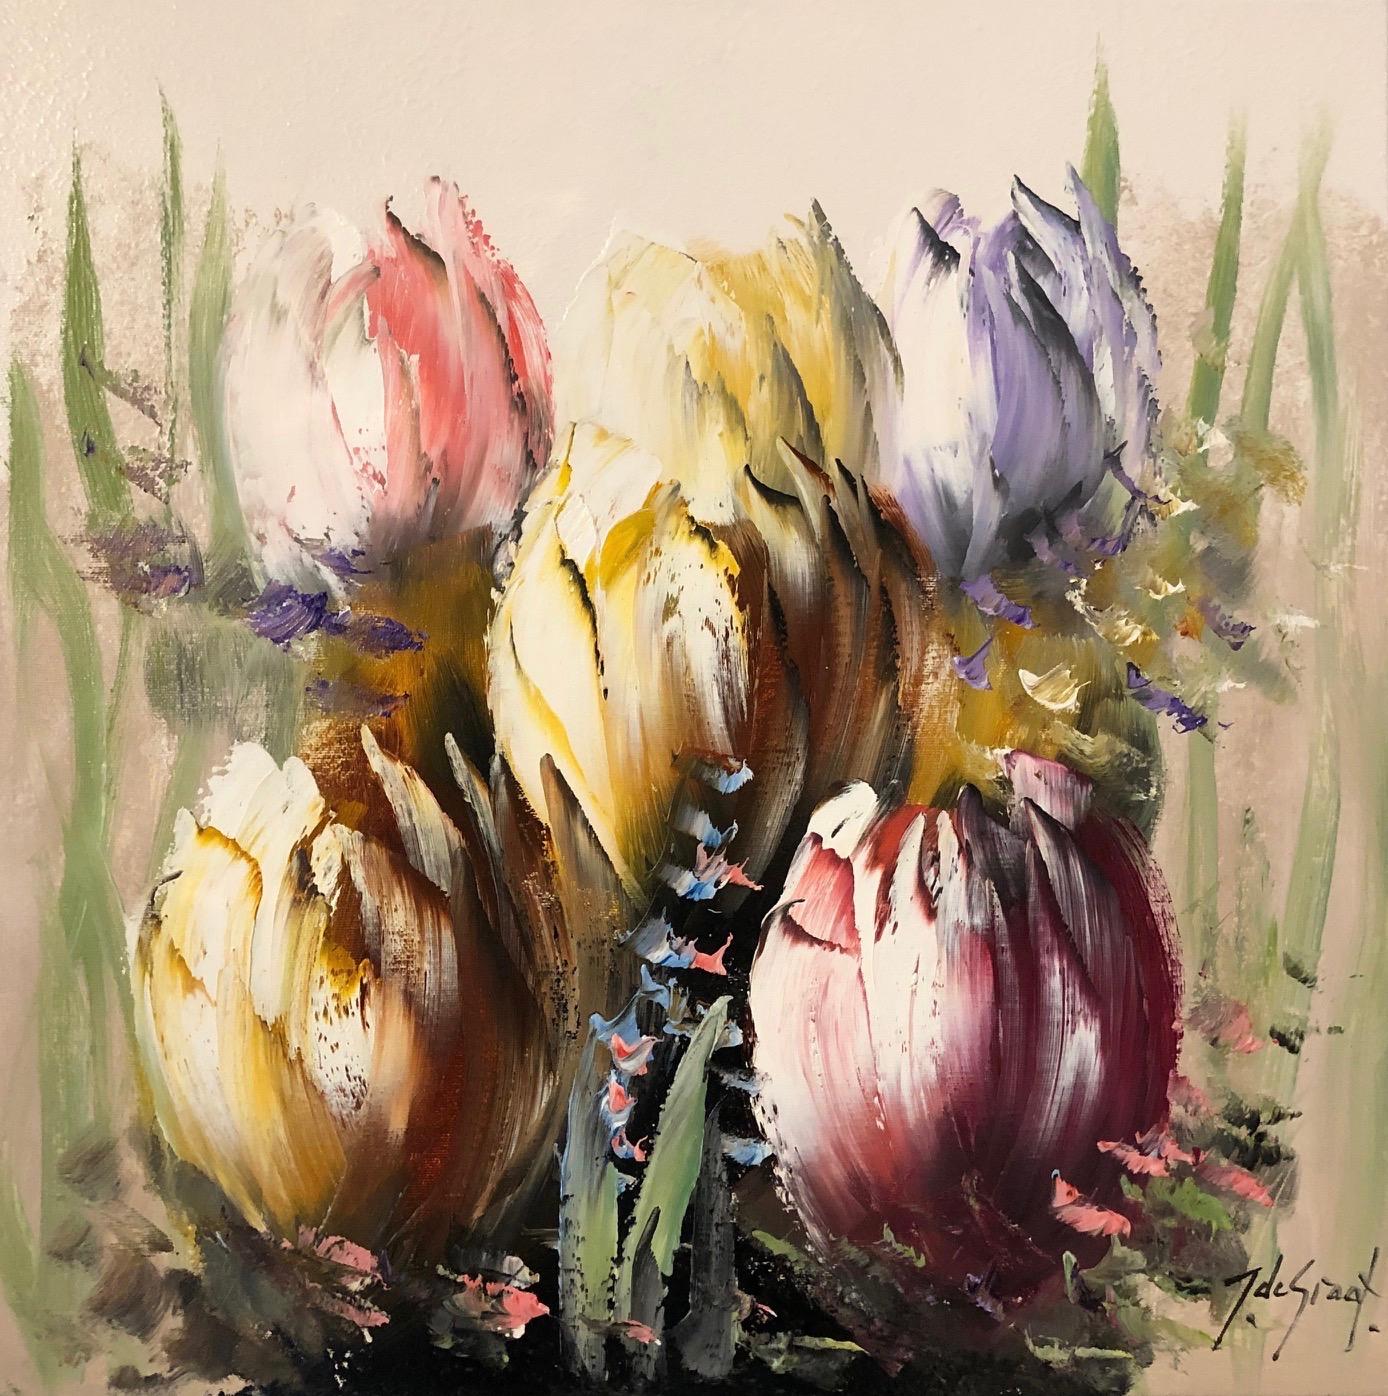 Jochem de Graaf schilderij 'Tulpen I'